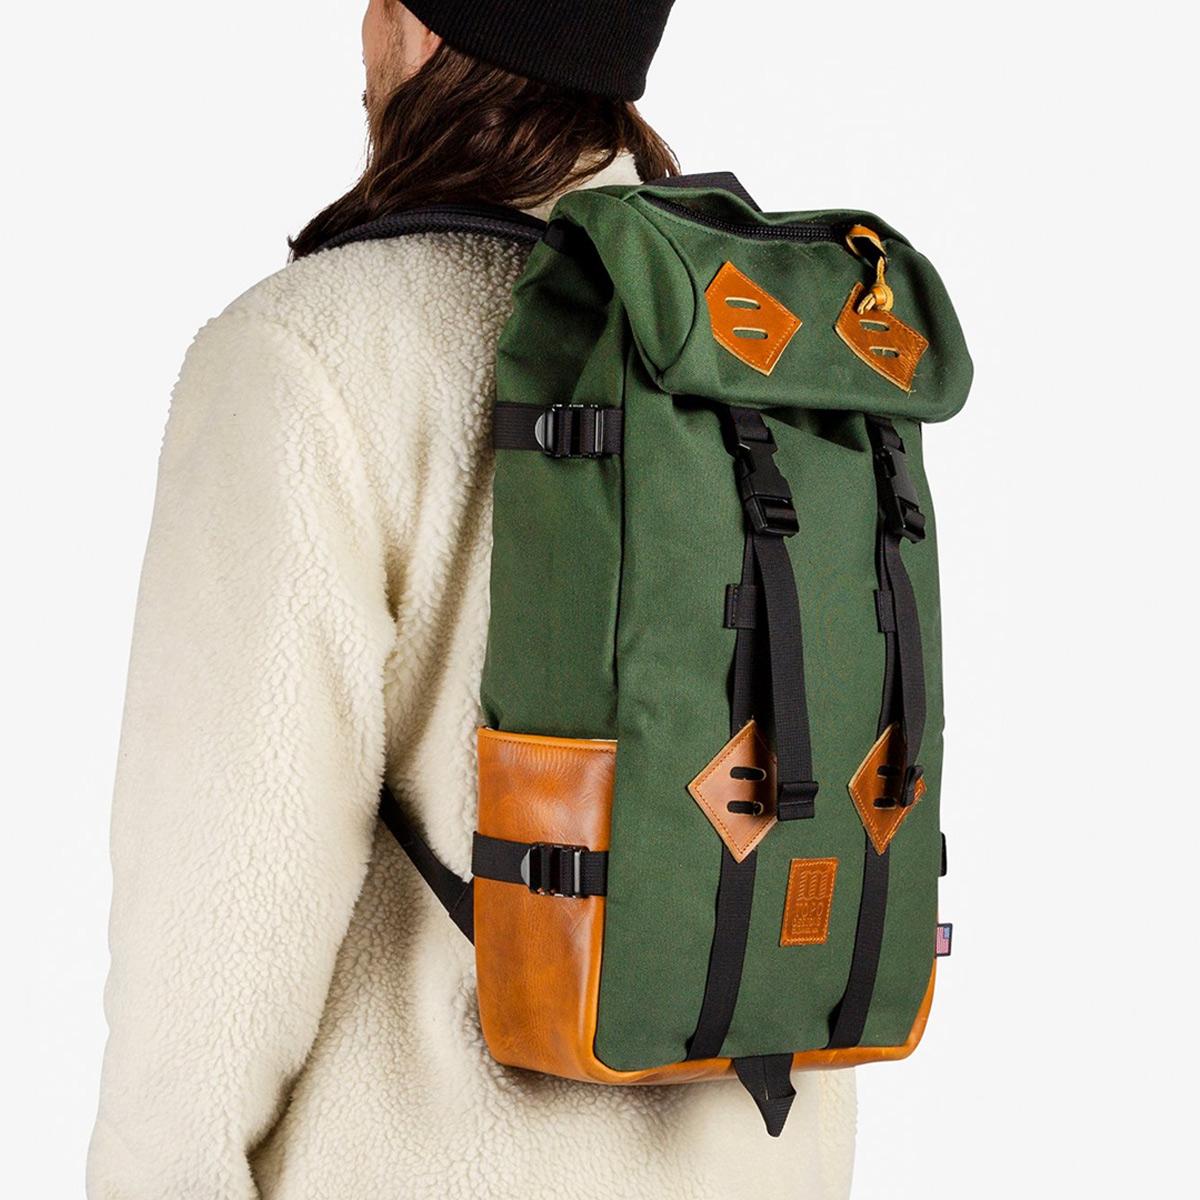 Topo Designs Klettersack Heritage Olive Canvas/Brown Leather, idealer Reisebegleiter fürdie tägliche Wanderung in die Berge